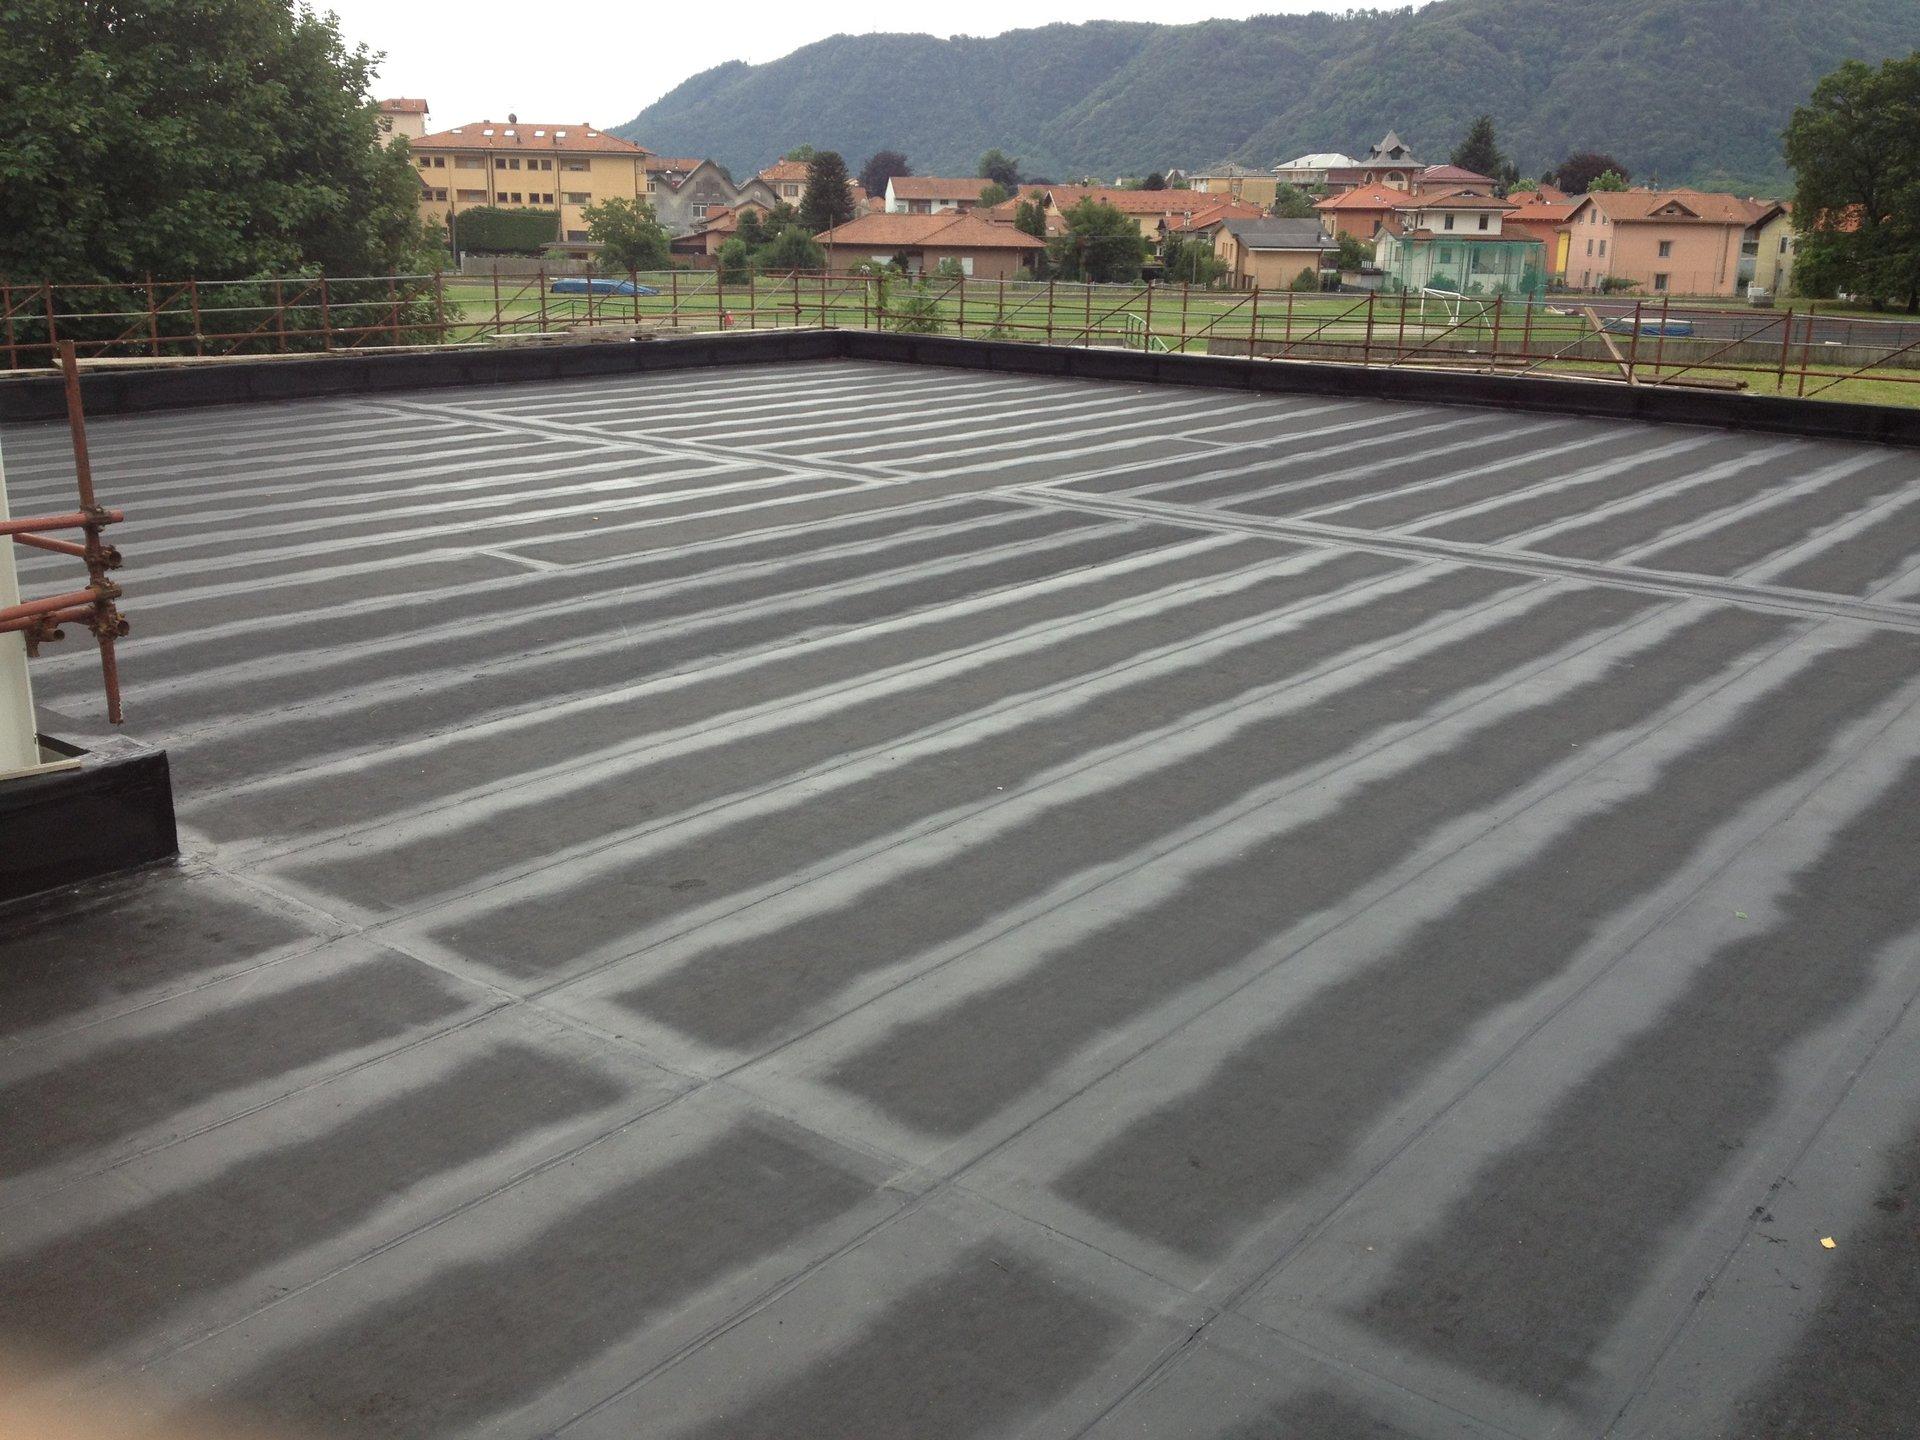 lavoro di impermeabilizzazione di una pavimentazione